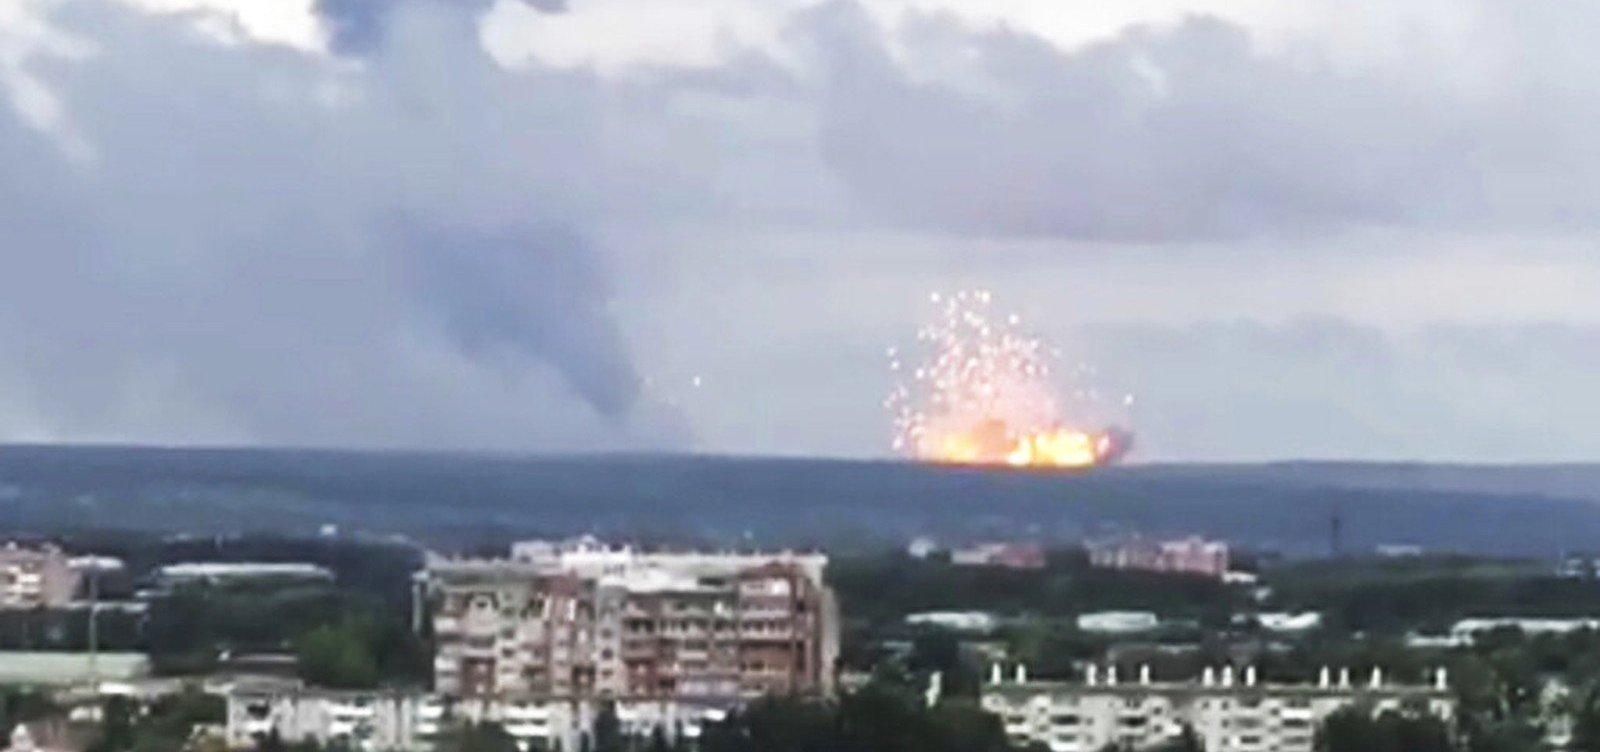 [Explosão russa que deixou cinco mortos teve caráter nuclear]